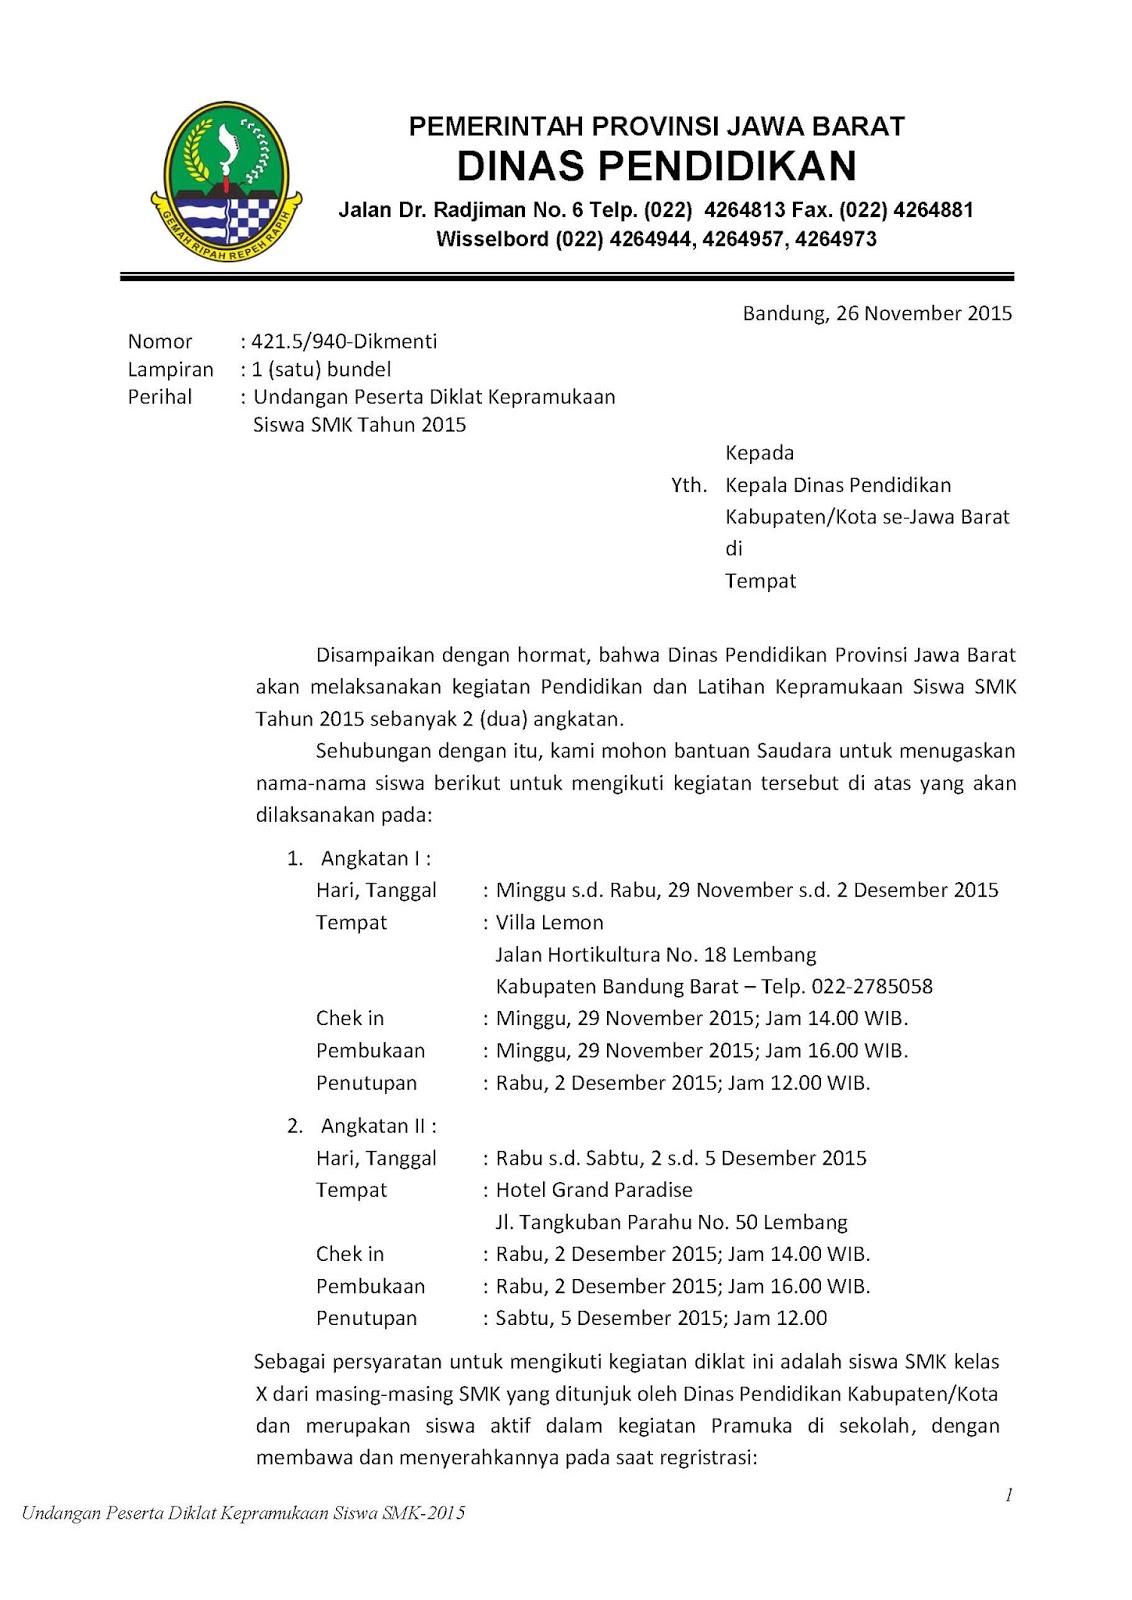 Contoh Surat Undangan Ldks Suratmenyurat Net